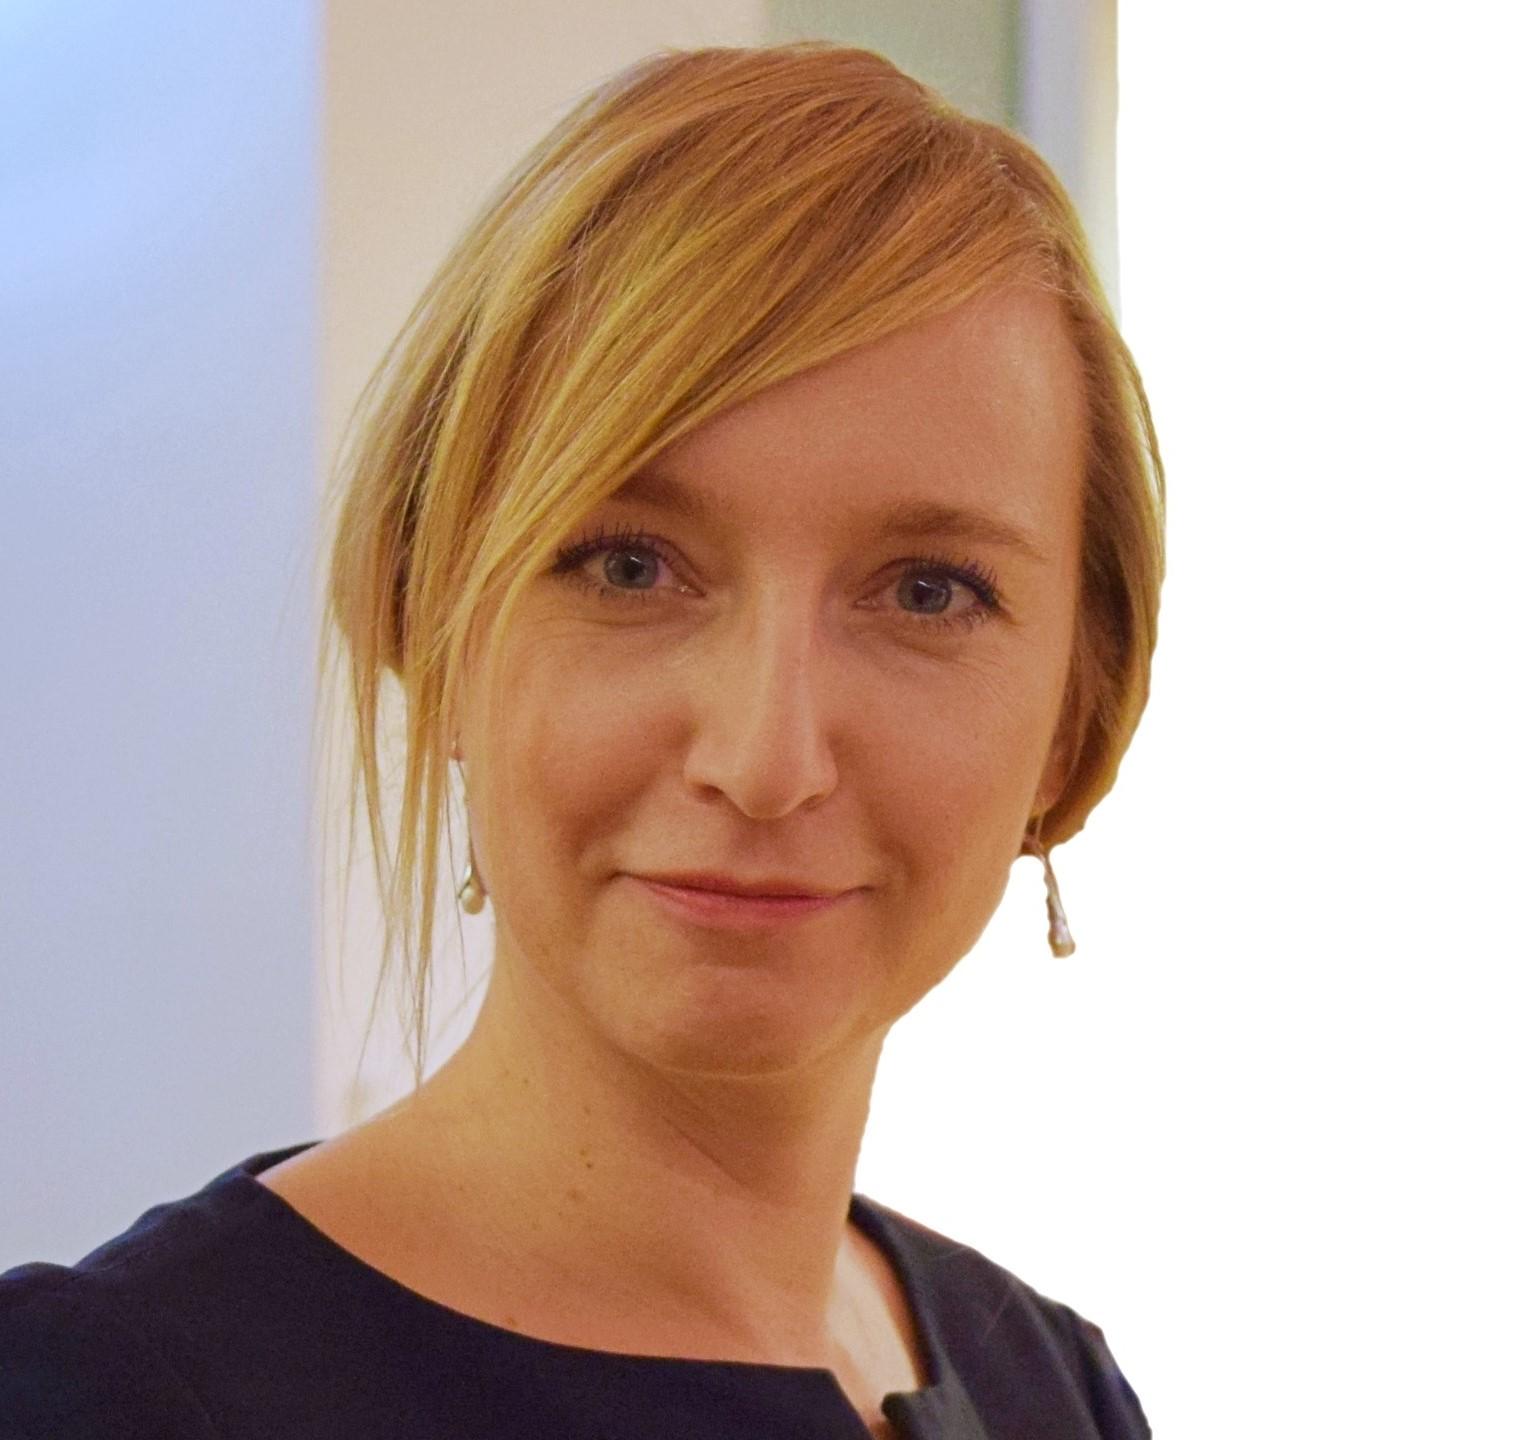 Martyna Bildziukiewicz, Head East Stratcom Task Force